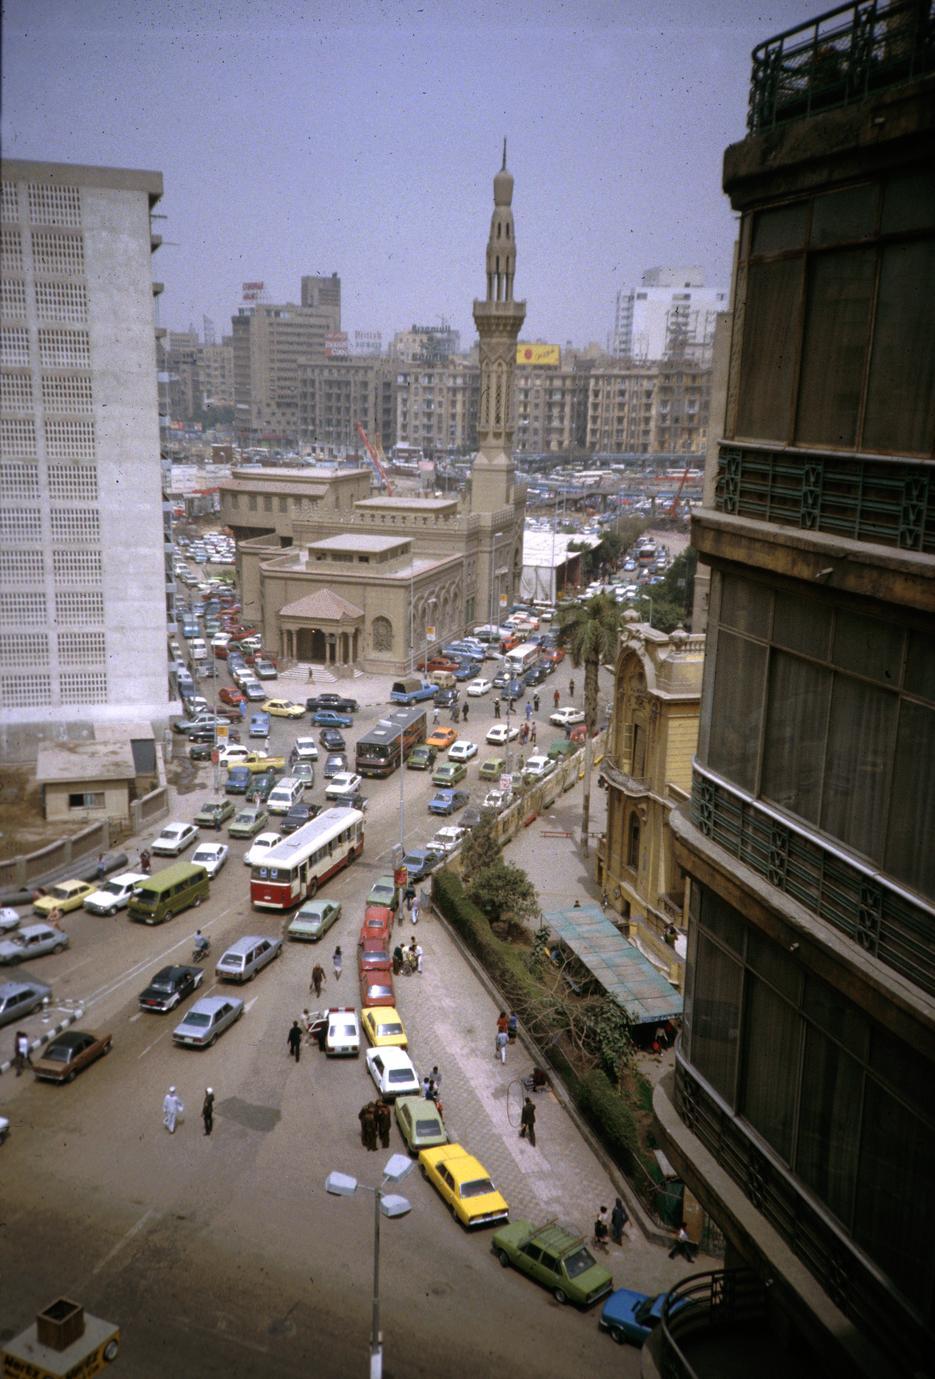 Street Scene in Central Cairo